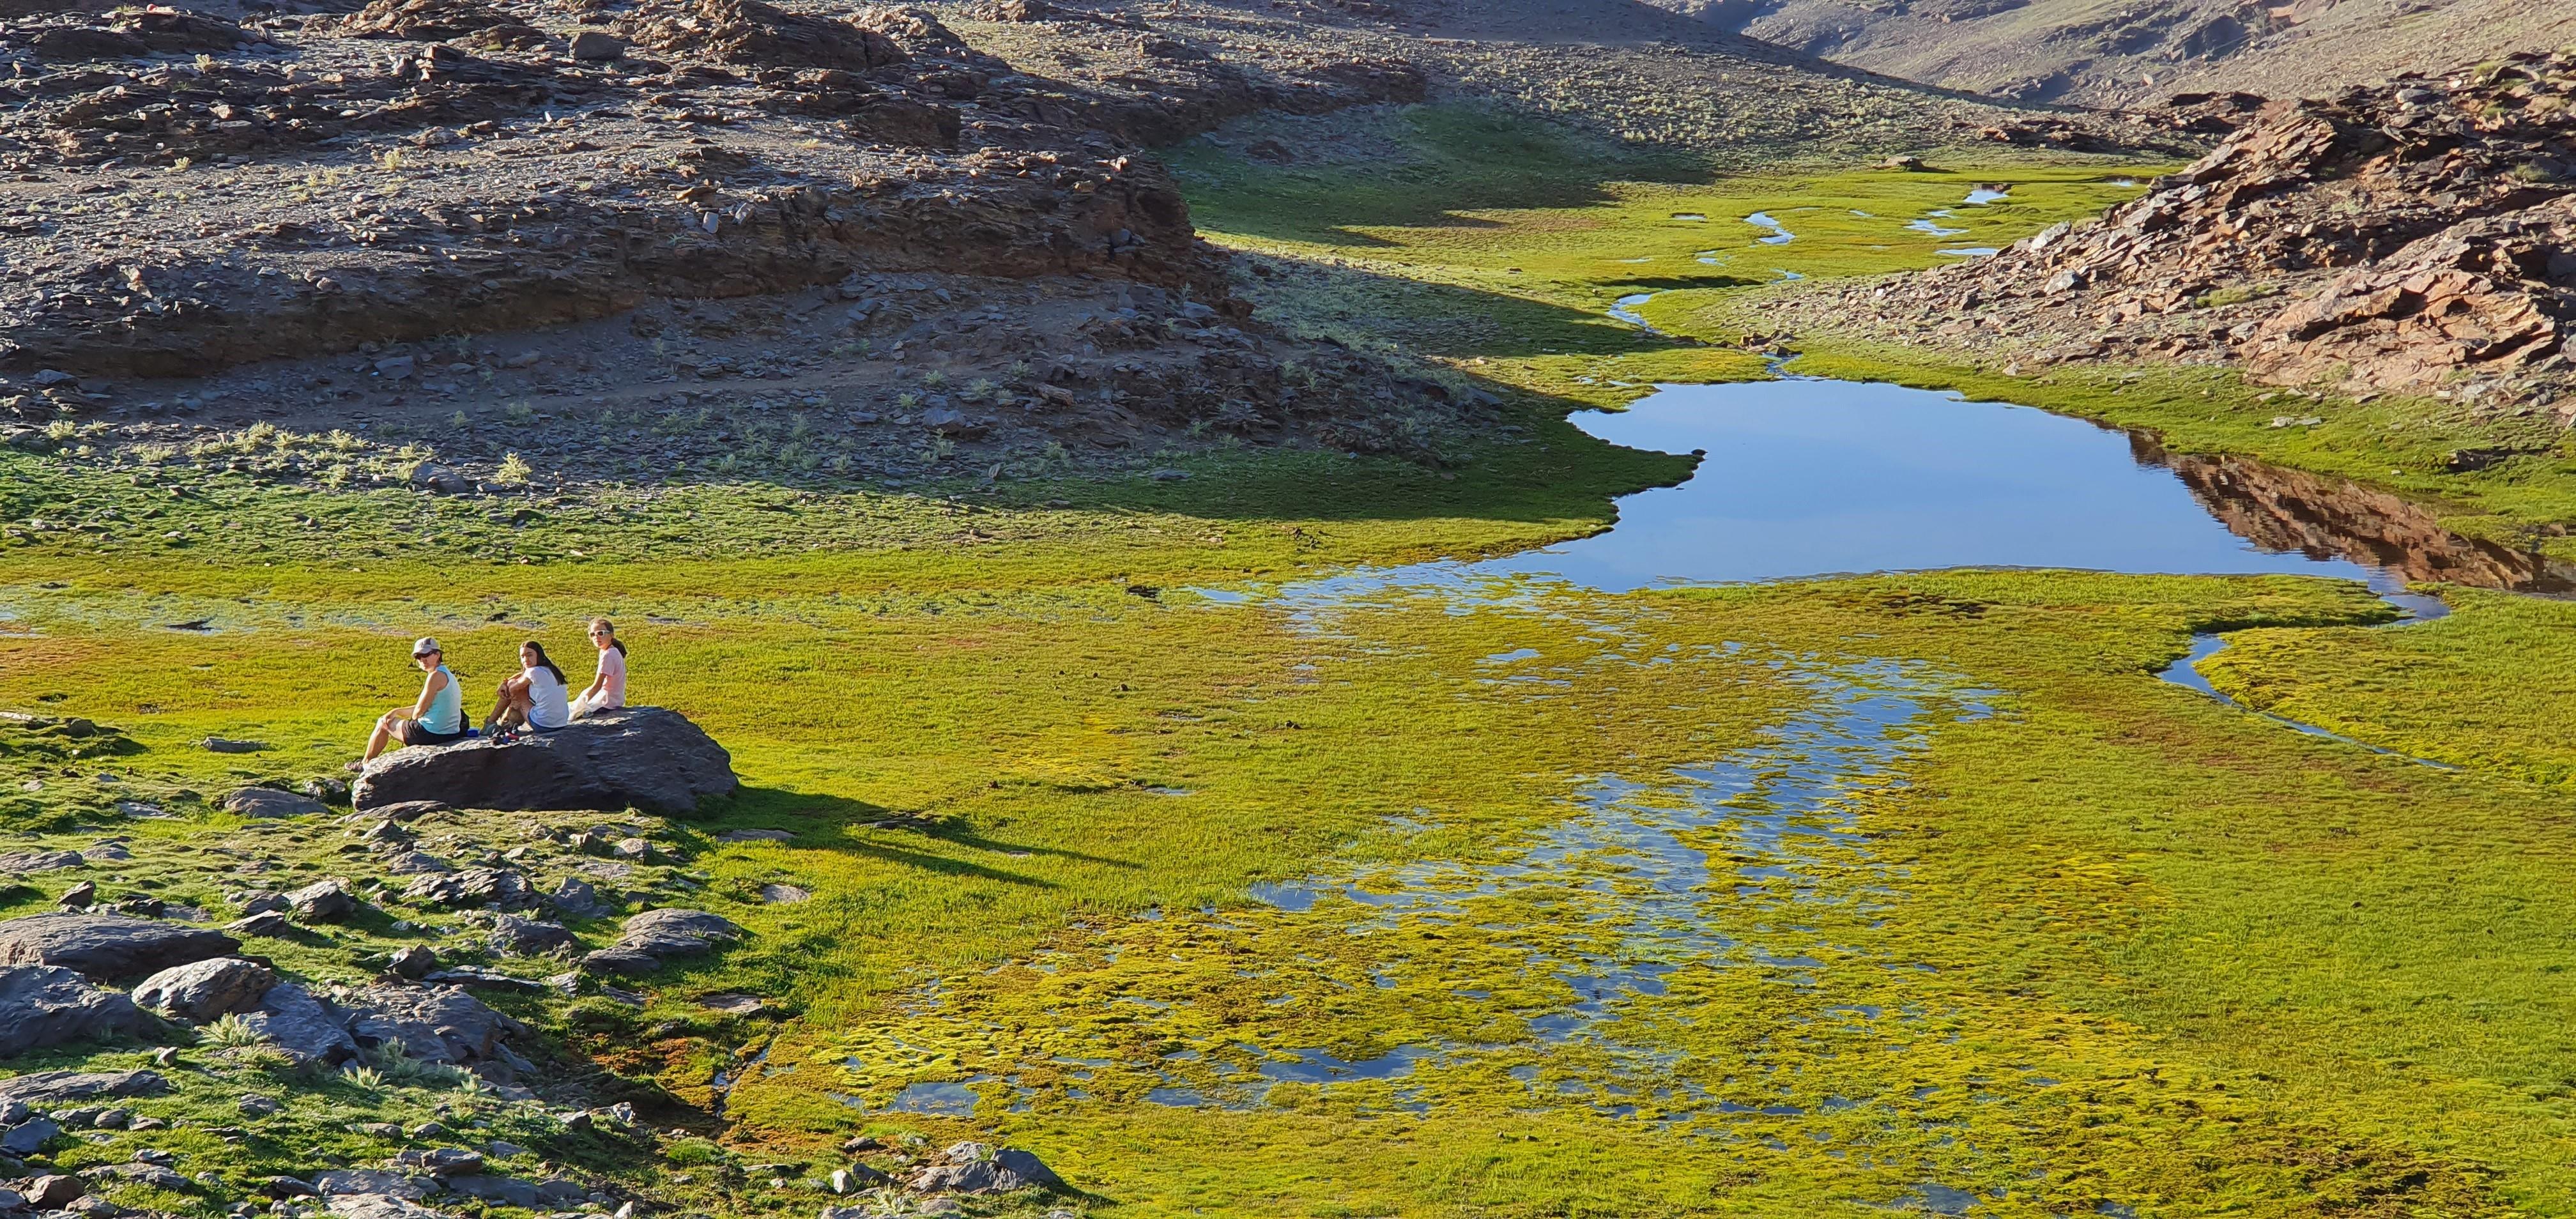 Granada cuenta con 26 humedales recogidos en el Inventario de Humedales de Andalucía